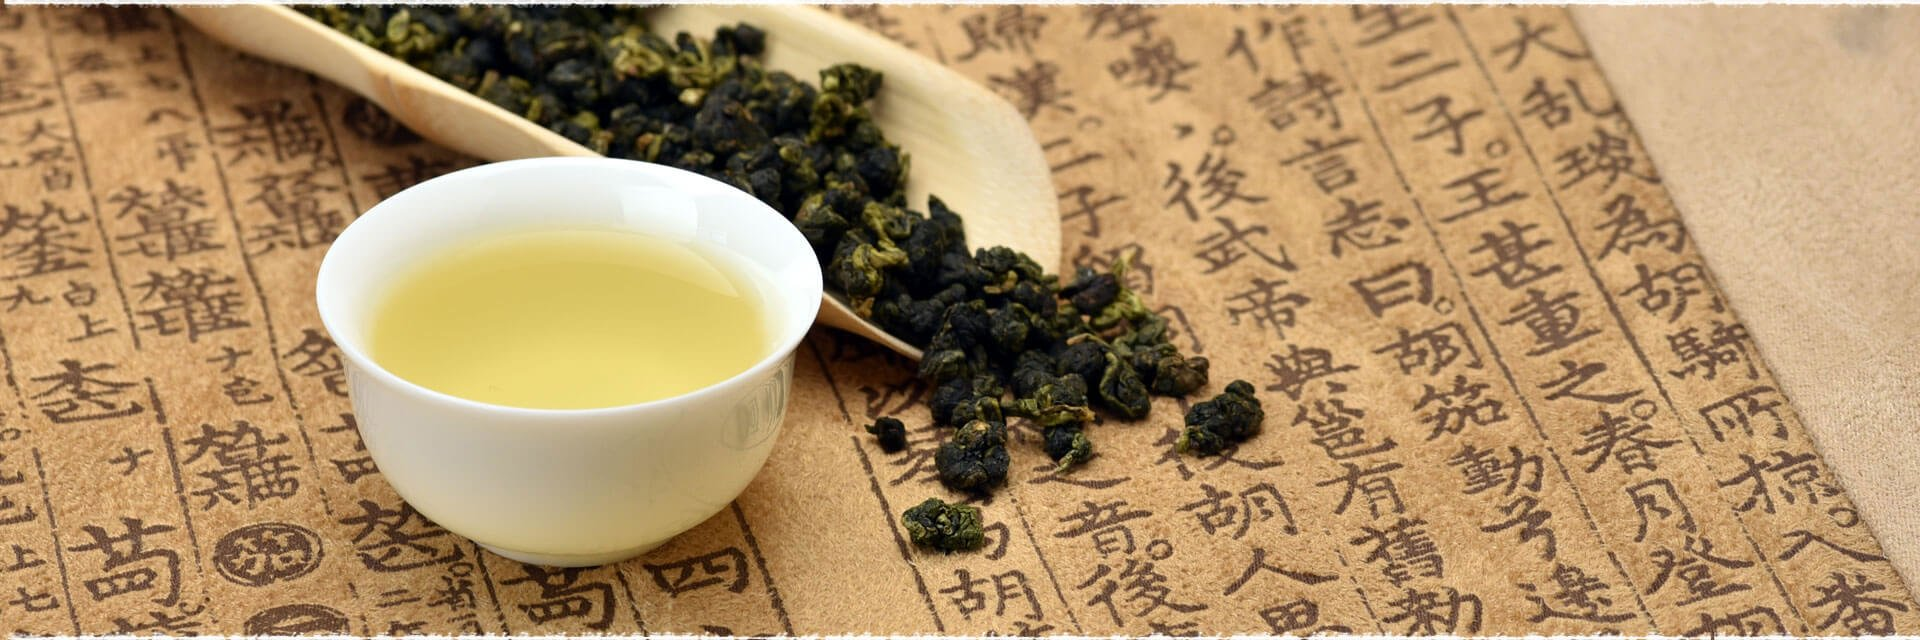 Hva er Oolong te?